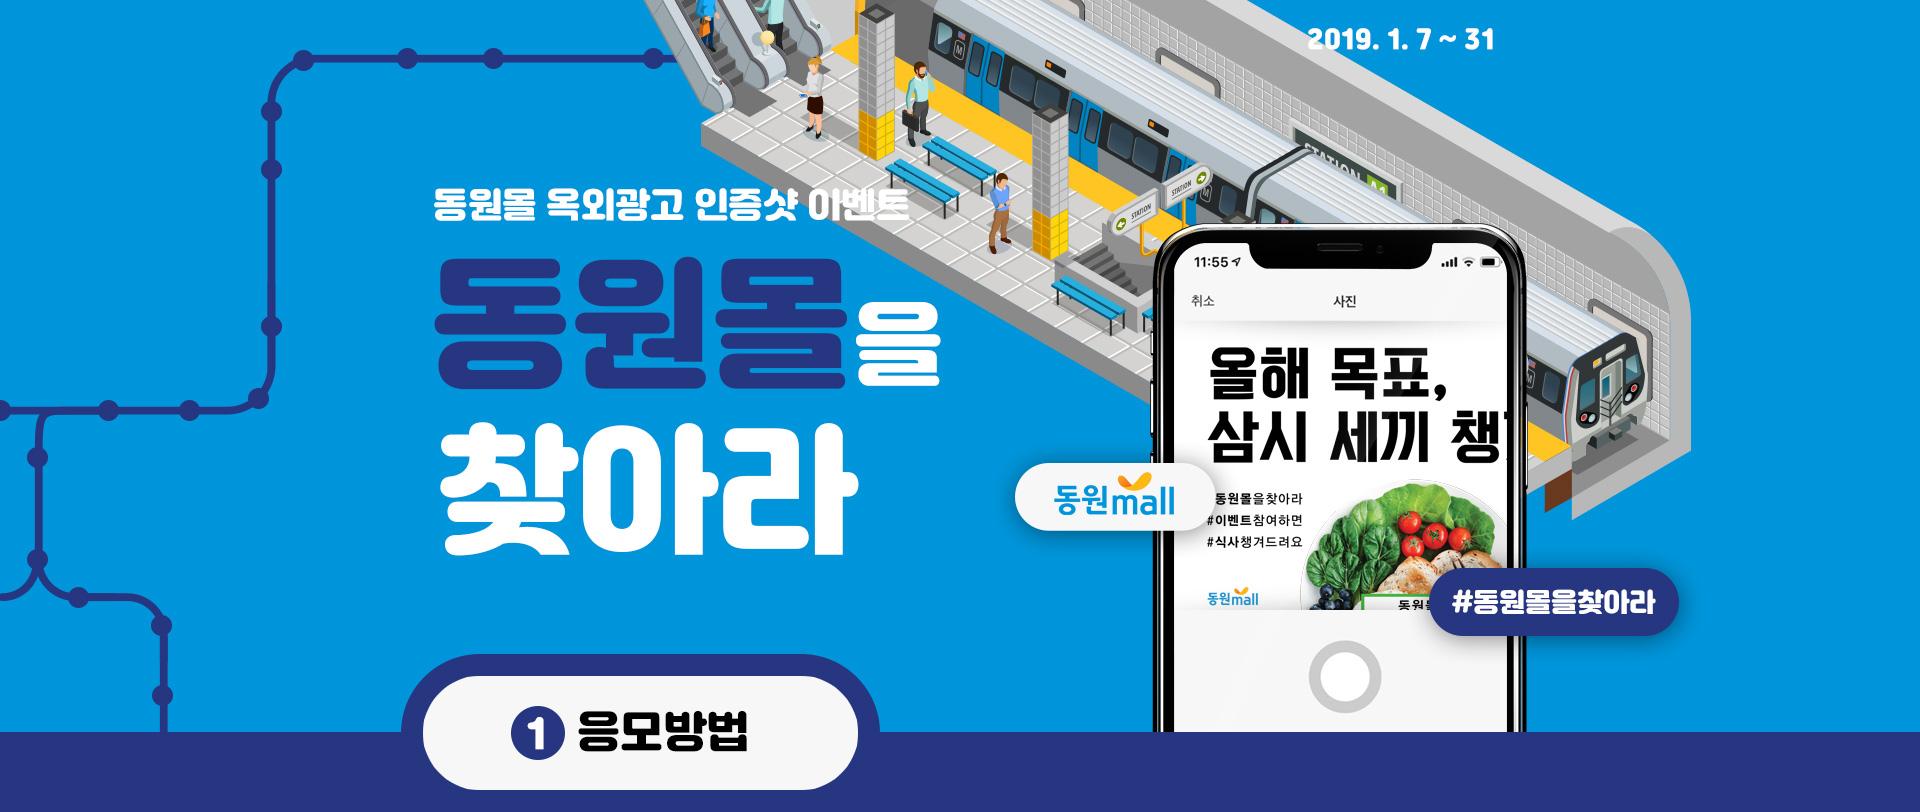 동원몰 옥외광고 인증샷 이벤트 동원몰을 찾아라